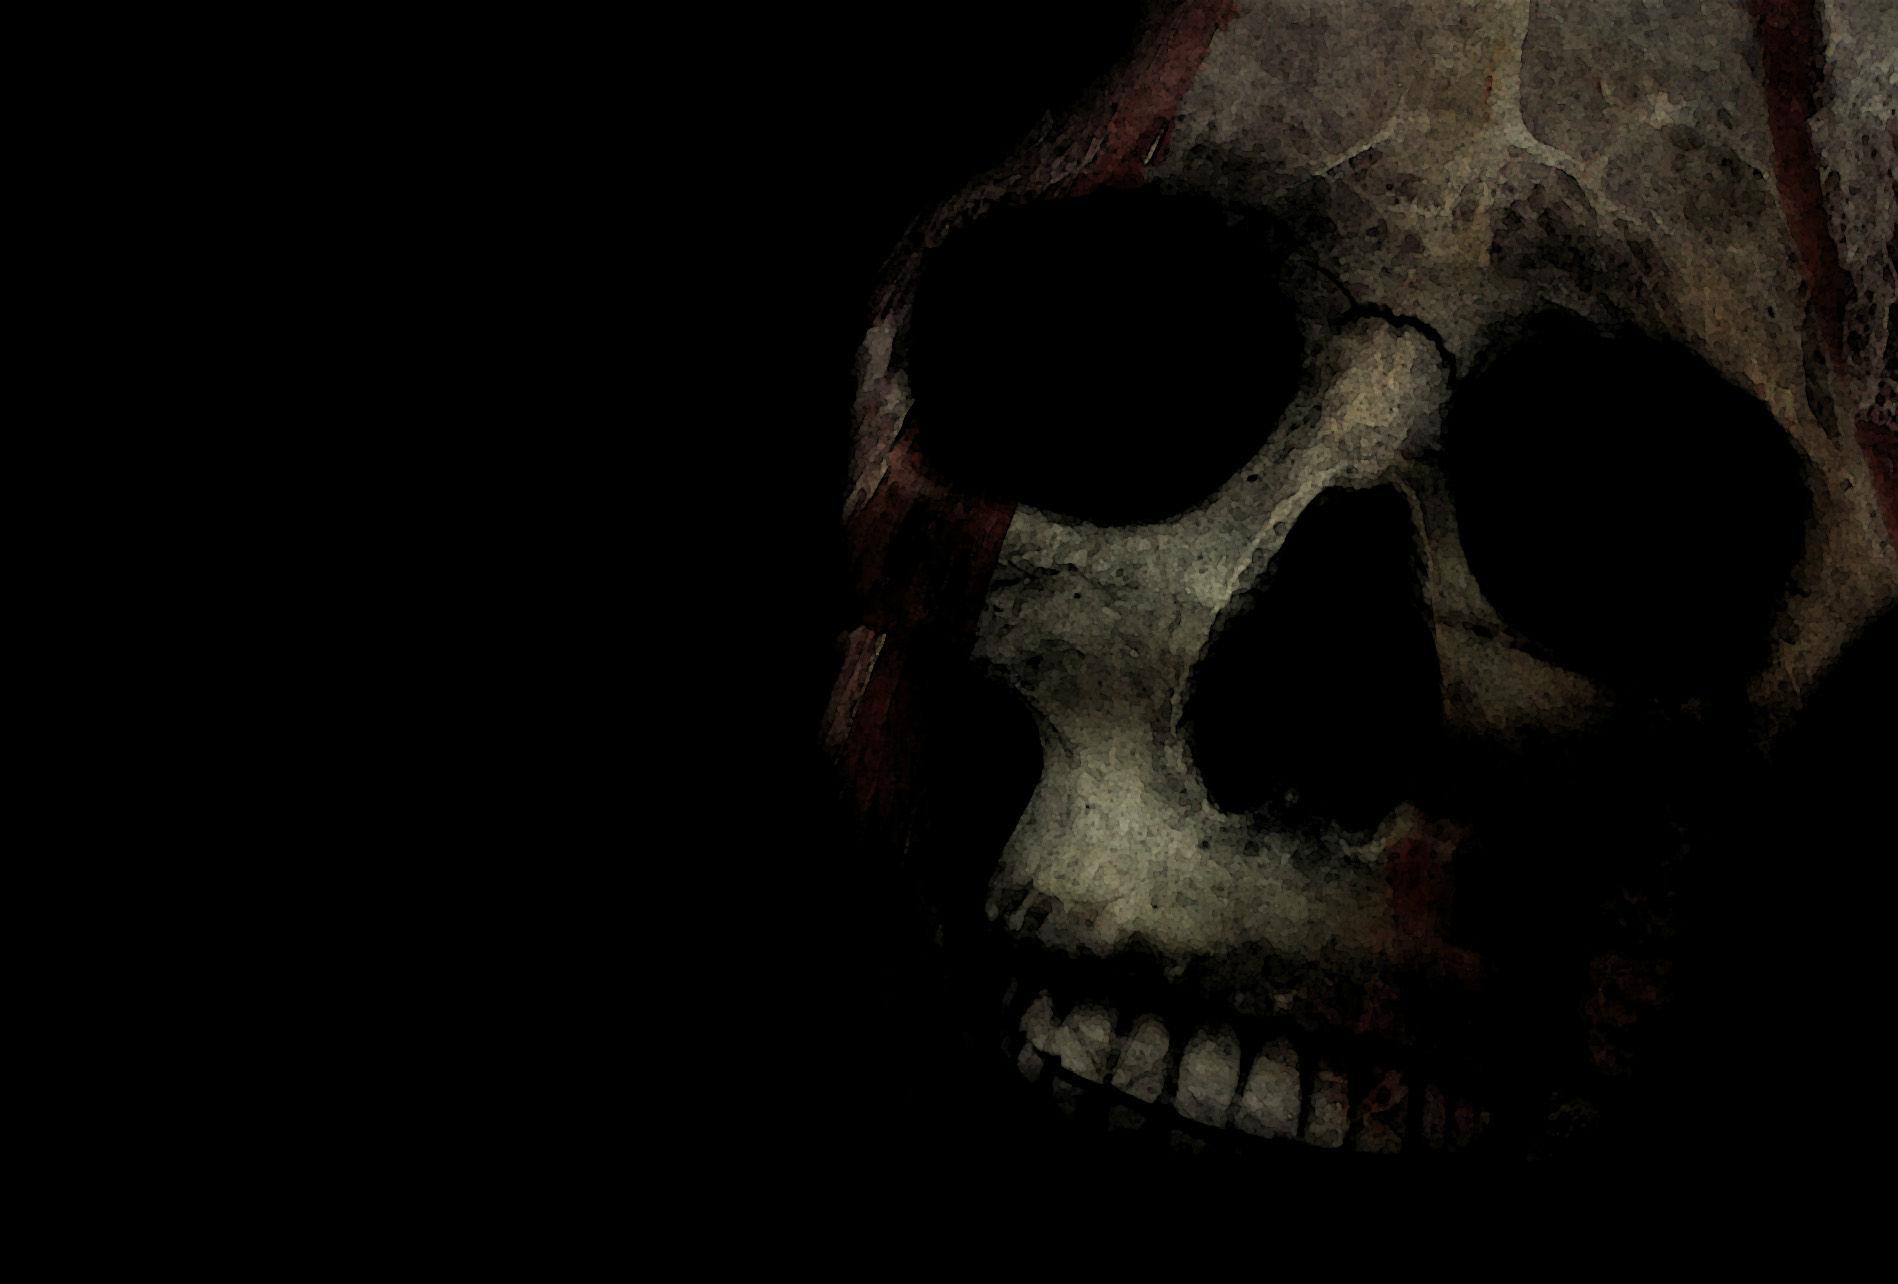 monster skull black wallpaper - photo #9